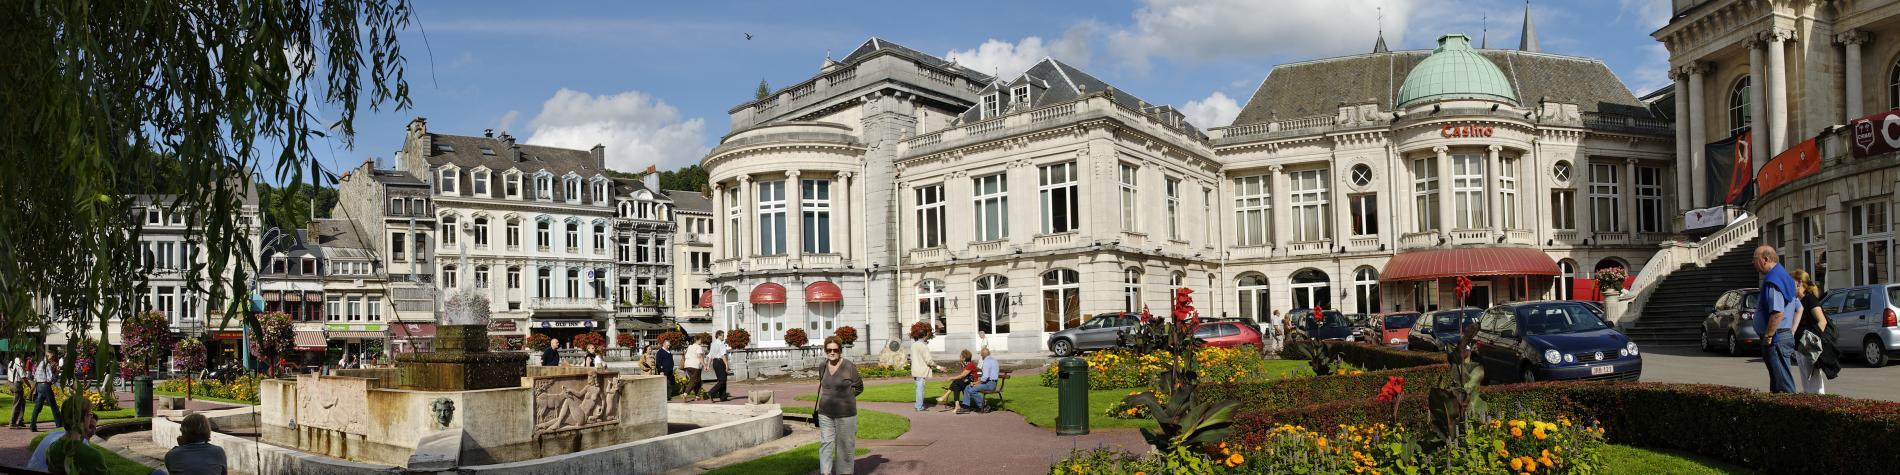 Casino - Spa - façade - fontaine